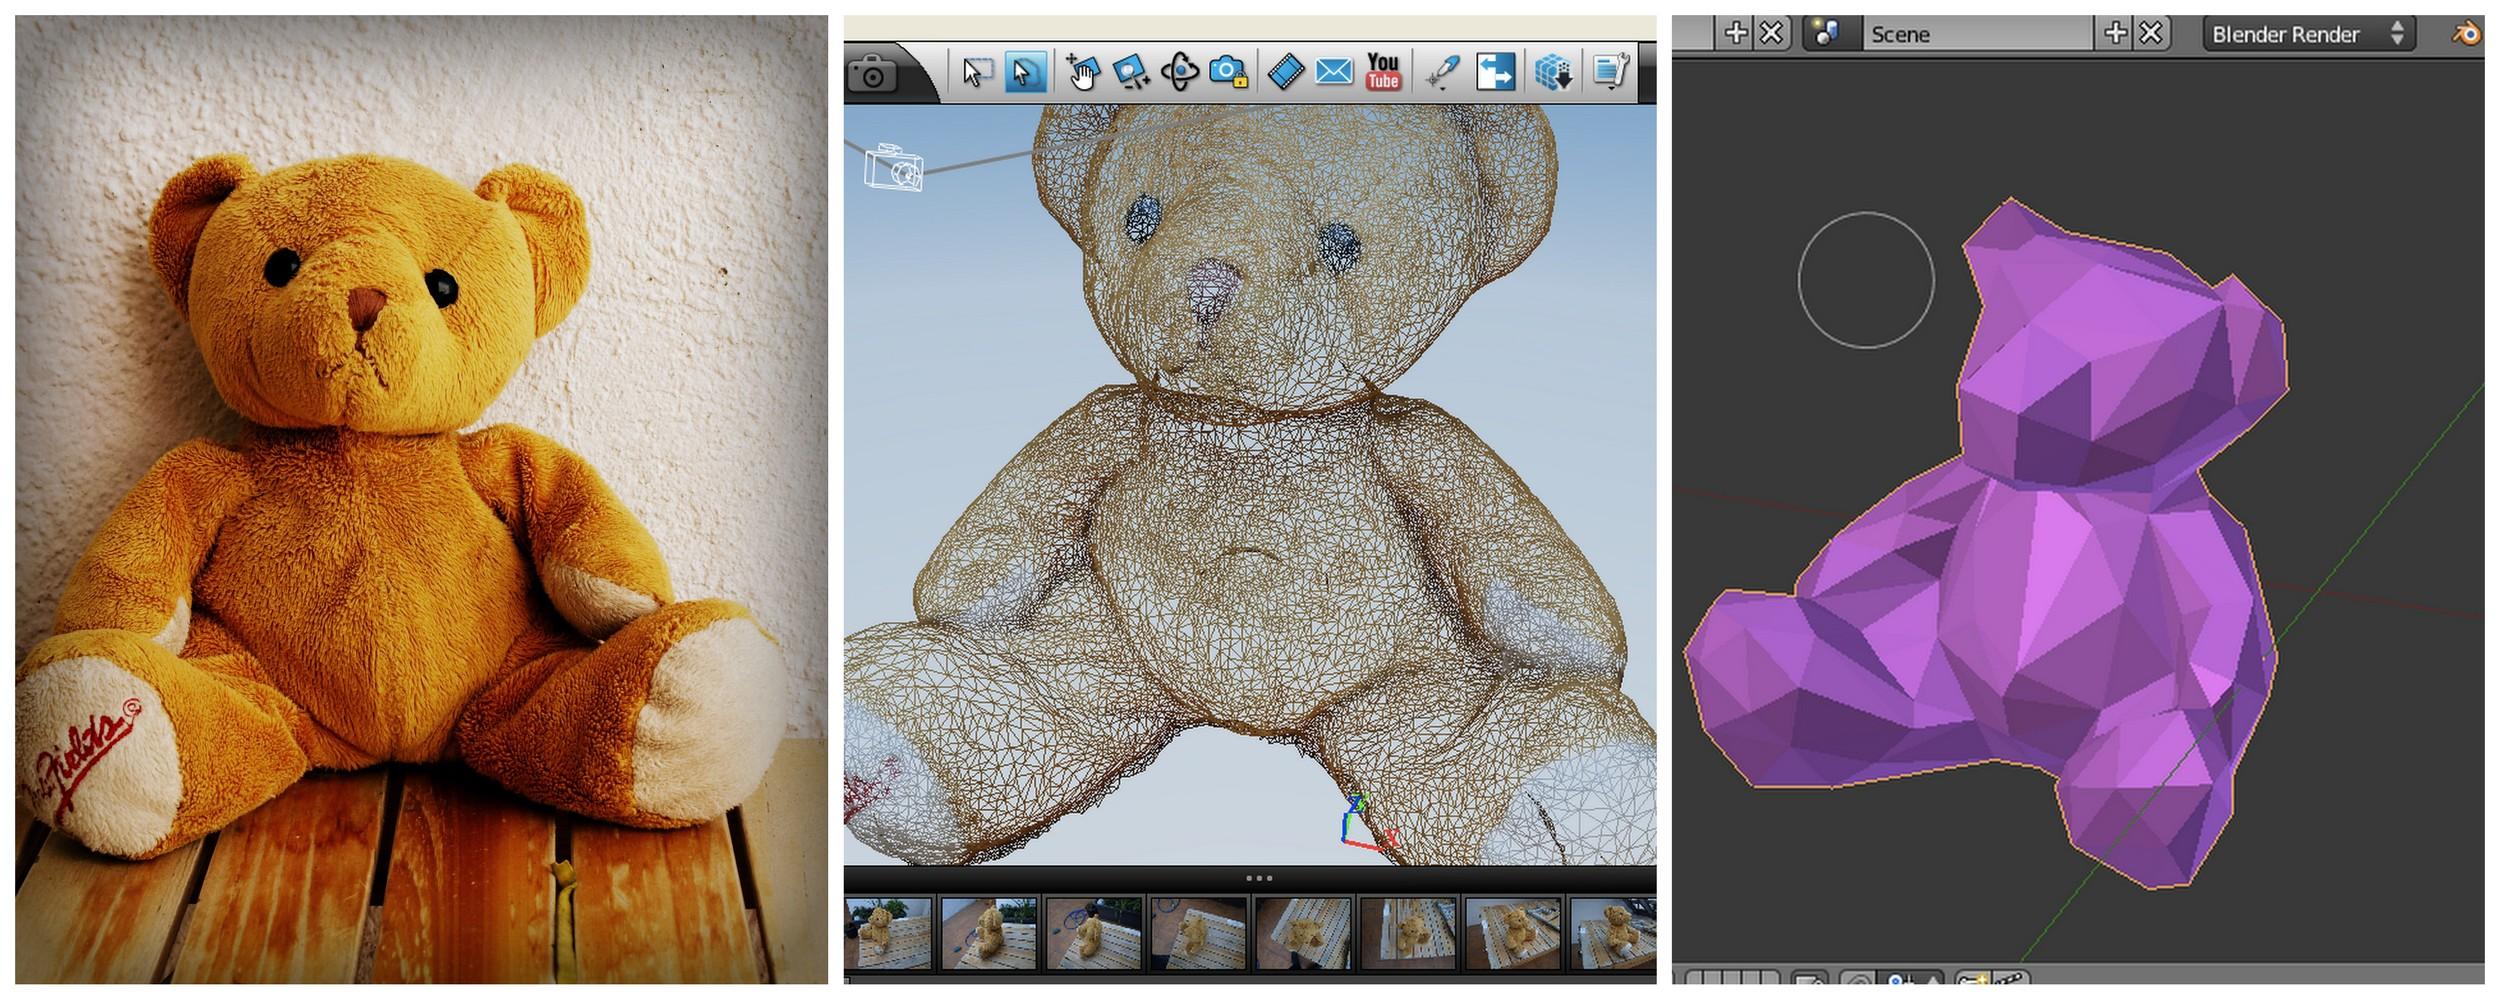 Jana_the_Teleported_Teddy_Bear.jpg